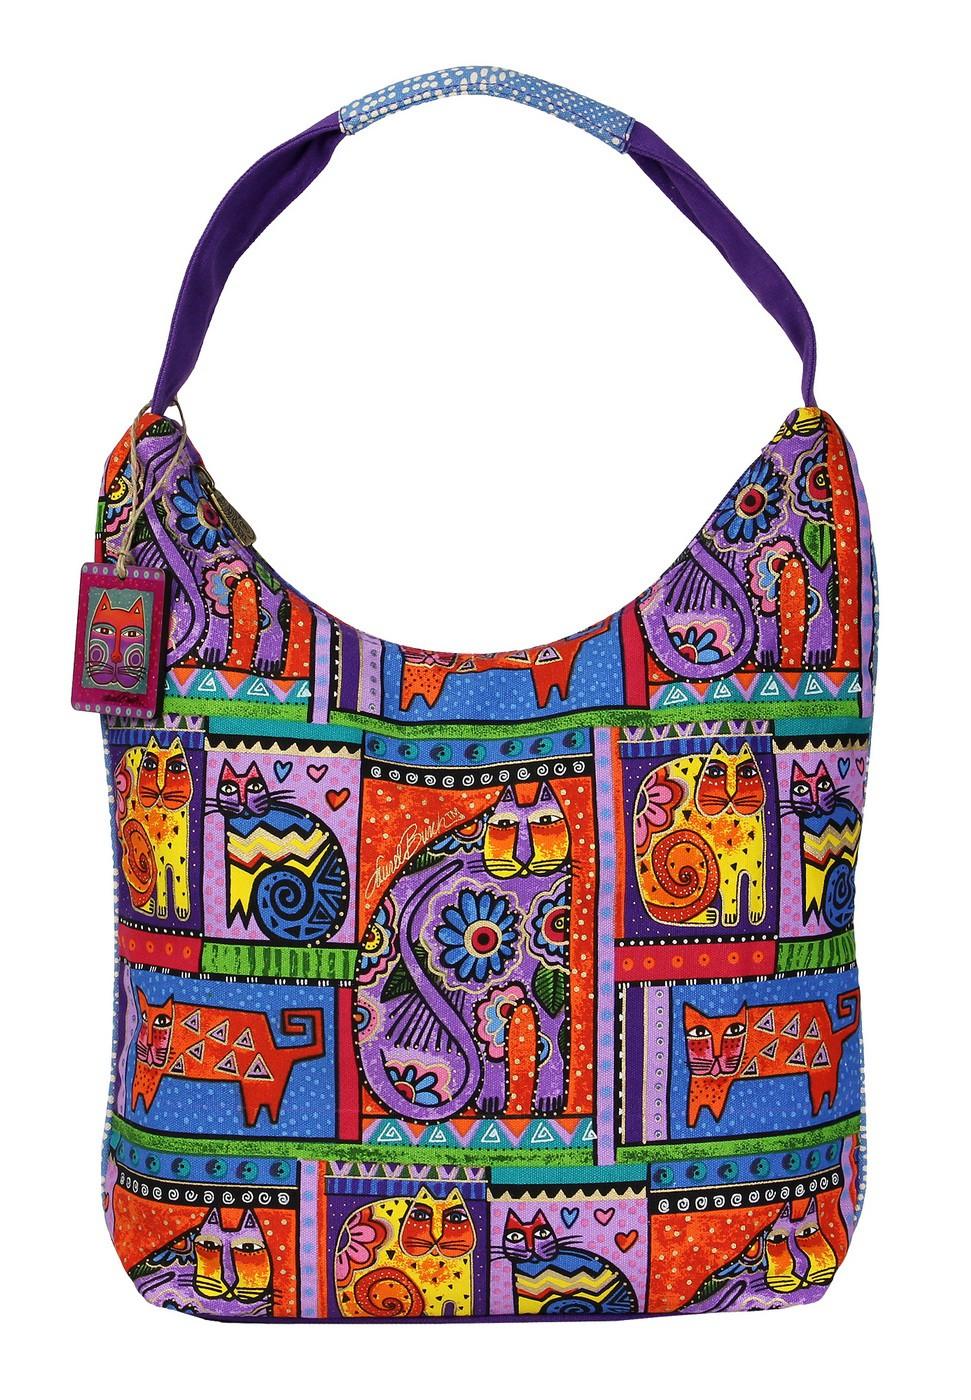 Сбор заказов-8. Итальянские сумки из хлопка с оригинальными принтами, а также сумочки и рюкзаки из кожзама, нат.кожы, текстиля